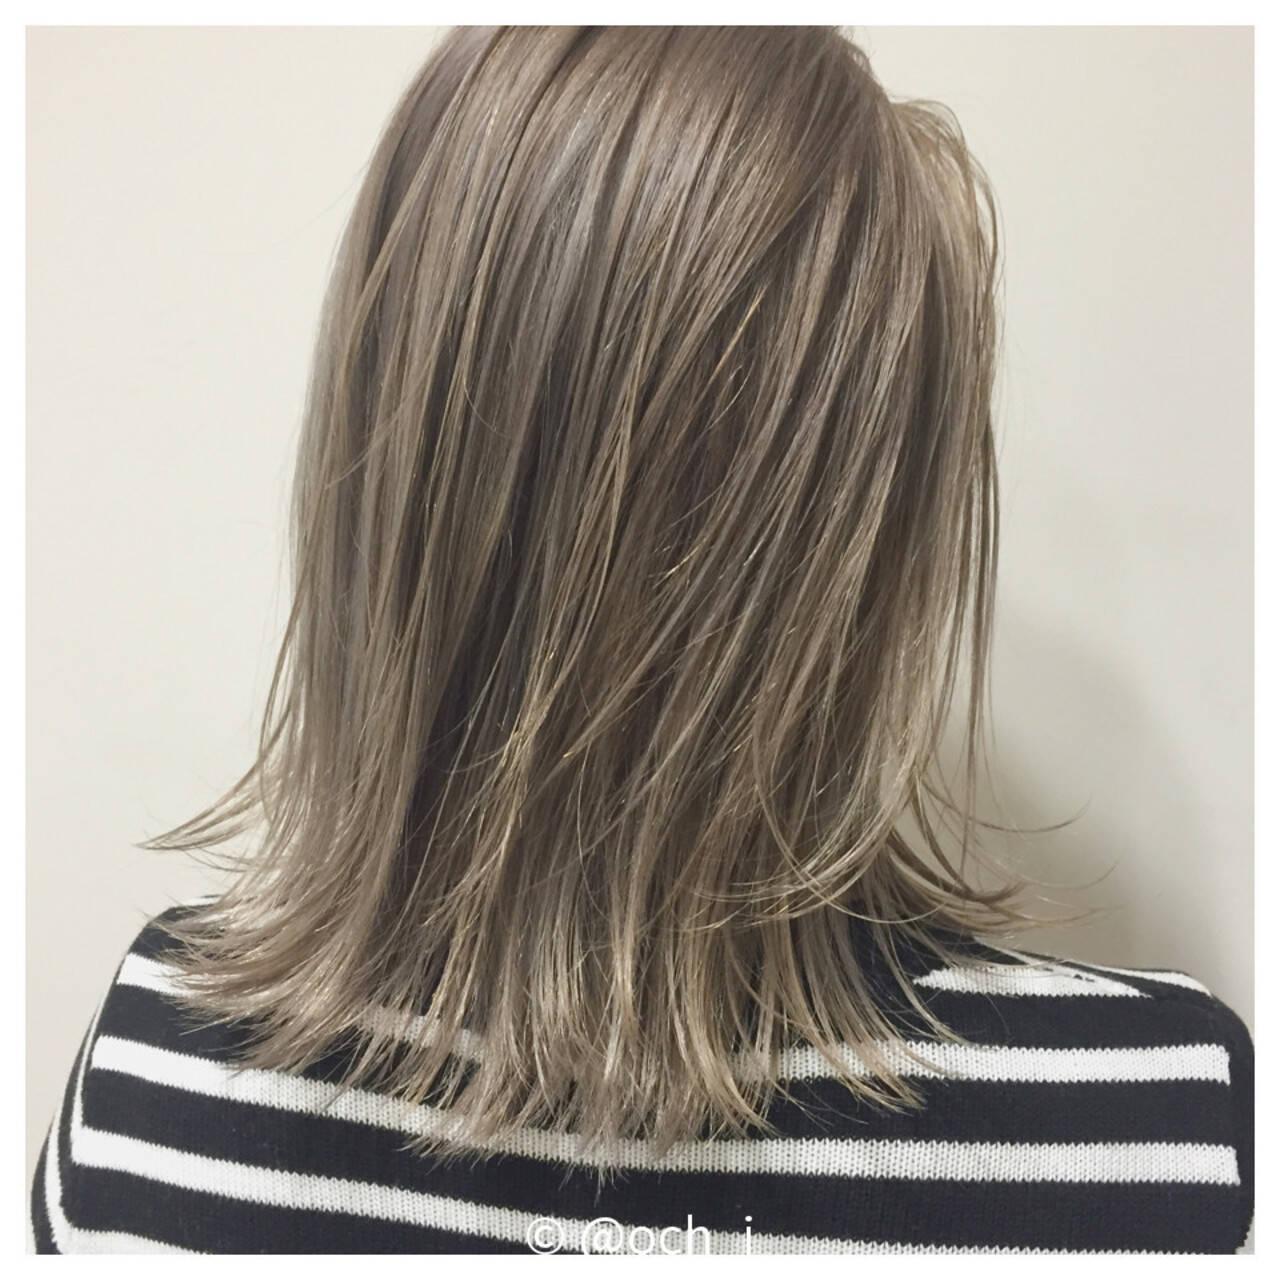 ハイライト ボブ グラデーションカラー ダブルカラーヘアスタイルや髪型の写真・画像